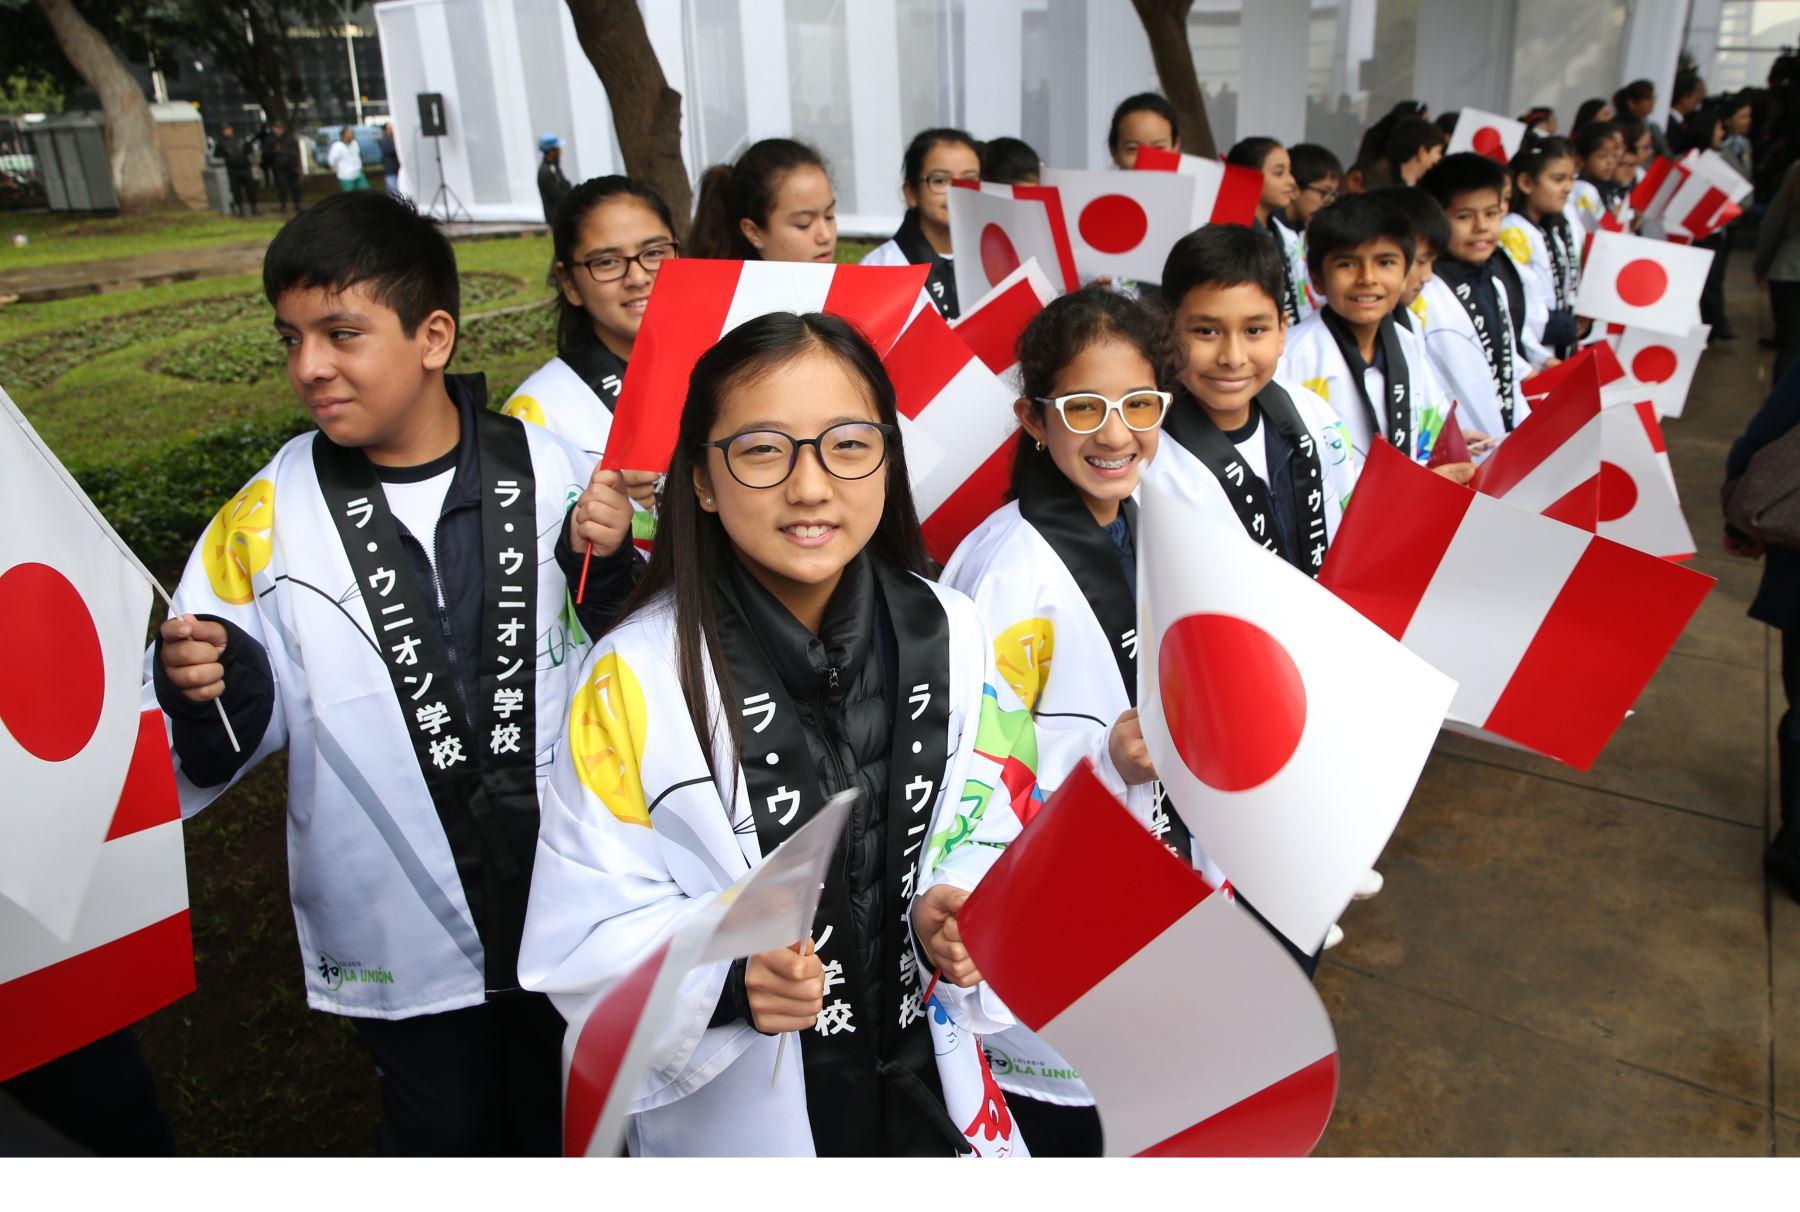 La Princesa Mako, participa de la conmemoración de los 120 Años de la Inmigración Japonesa al Perú .Foto: ANDINA/Norman Córdova